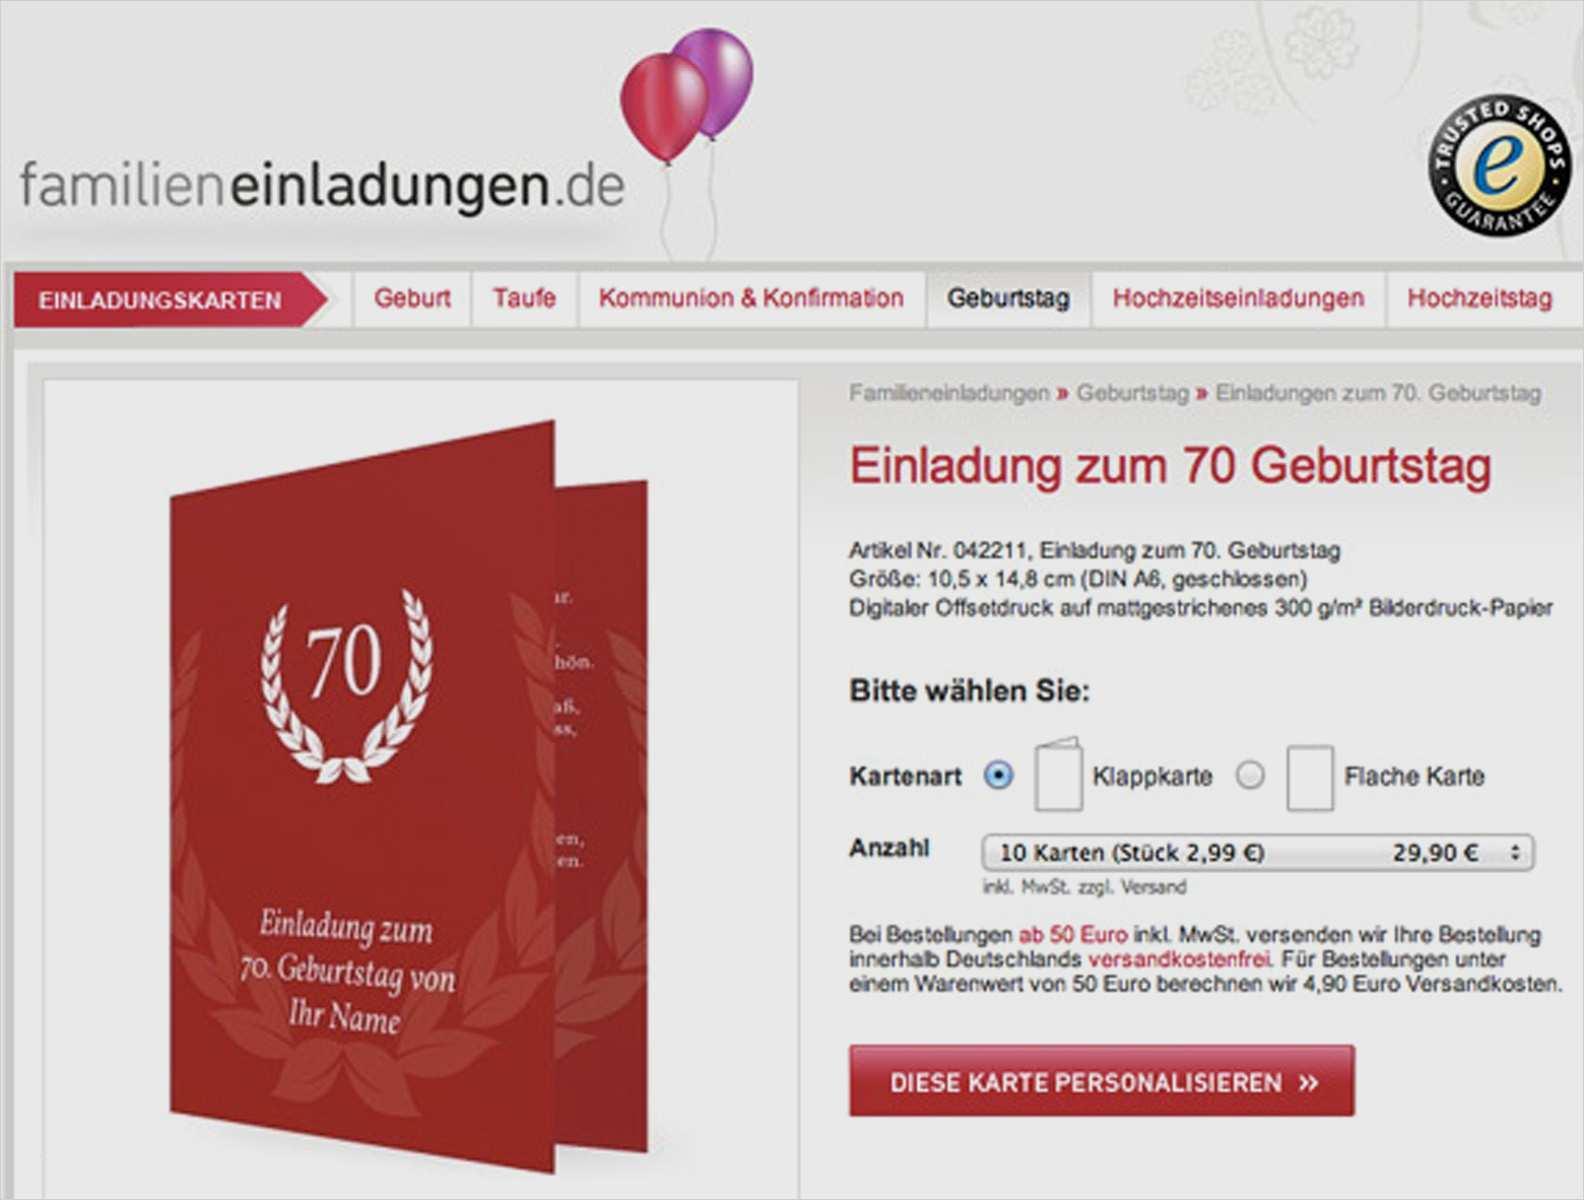 Einladung 2 Geburtstag Vorlage Erstaunlich Einladung 70 Geburtstag Vorlage Kostenlos